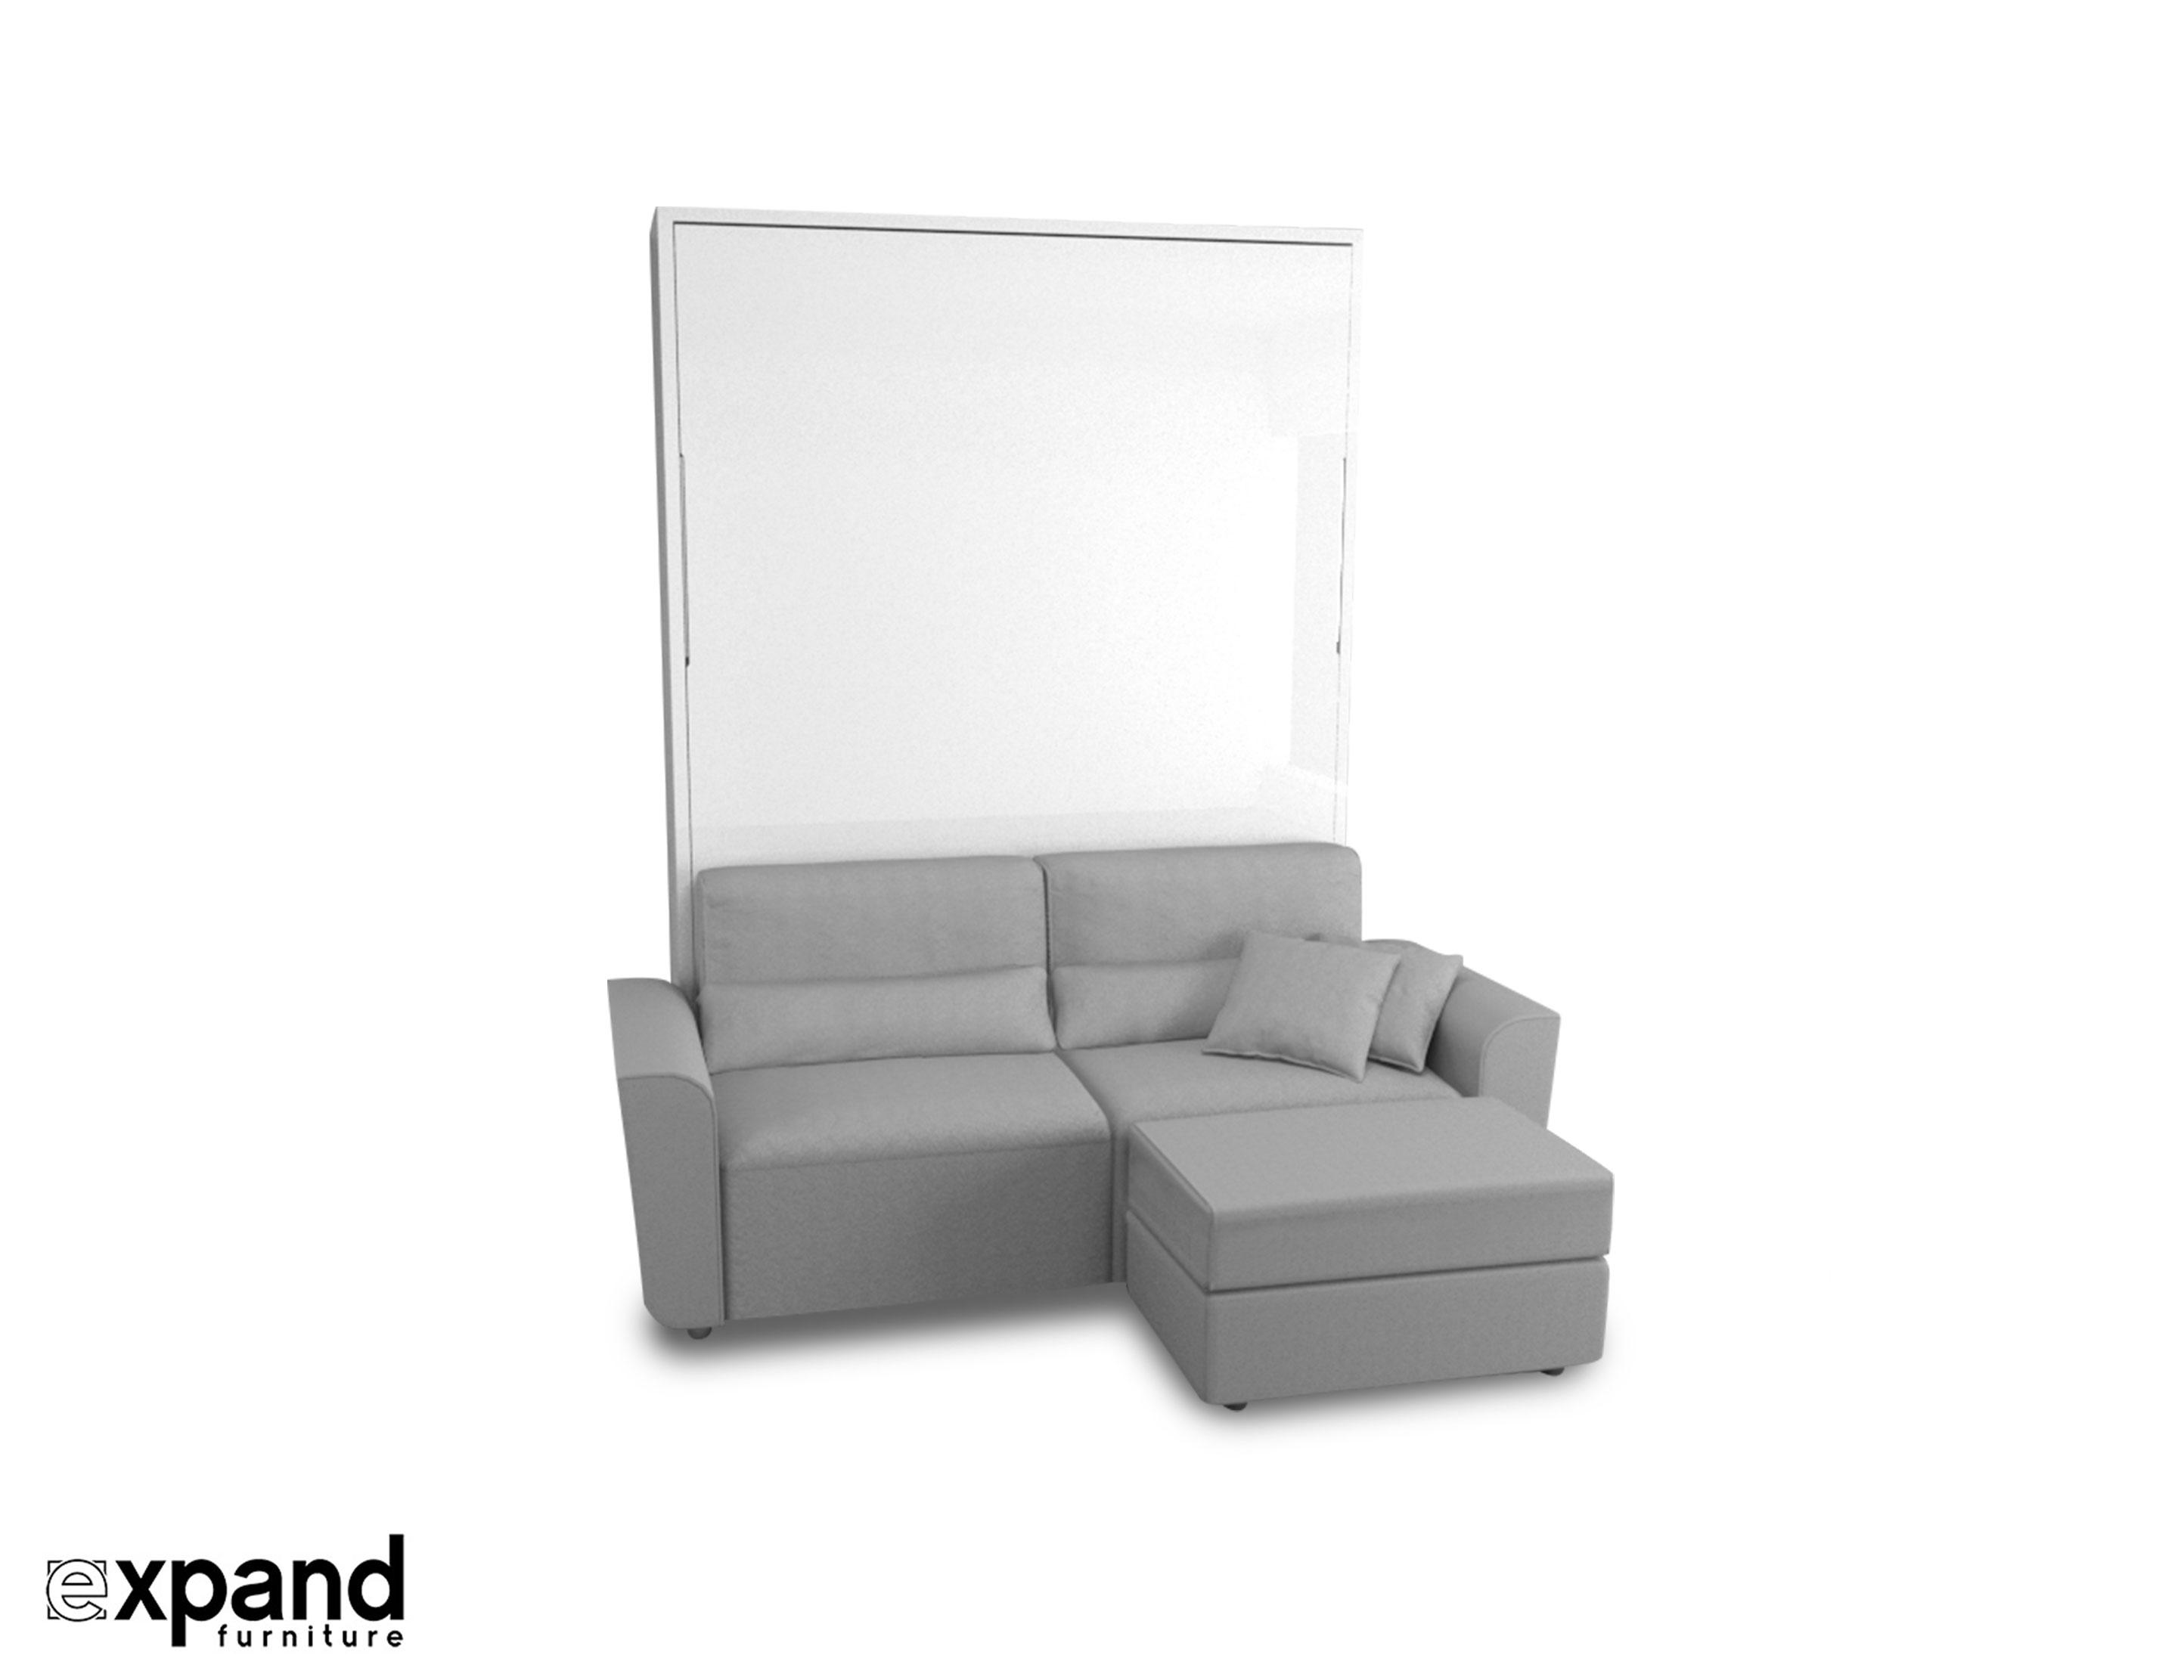 Murphysofa minima expand furniture folding tables smarter wall beds space savers - Expand furniture ...